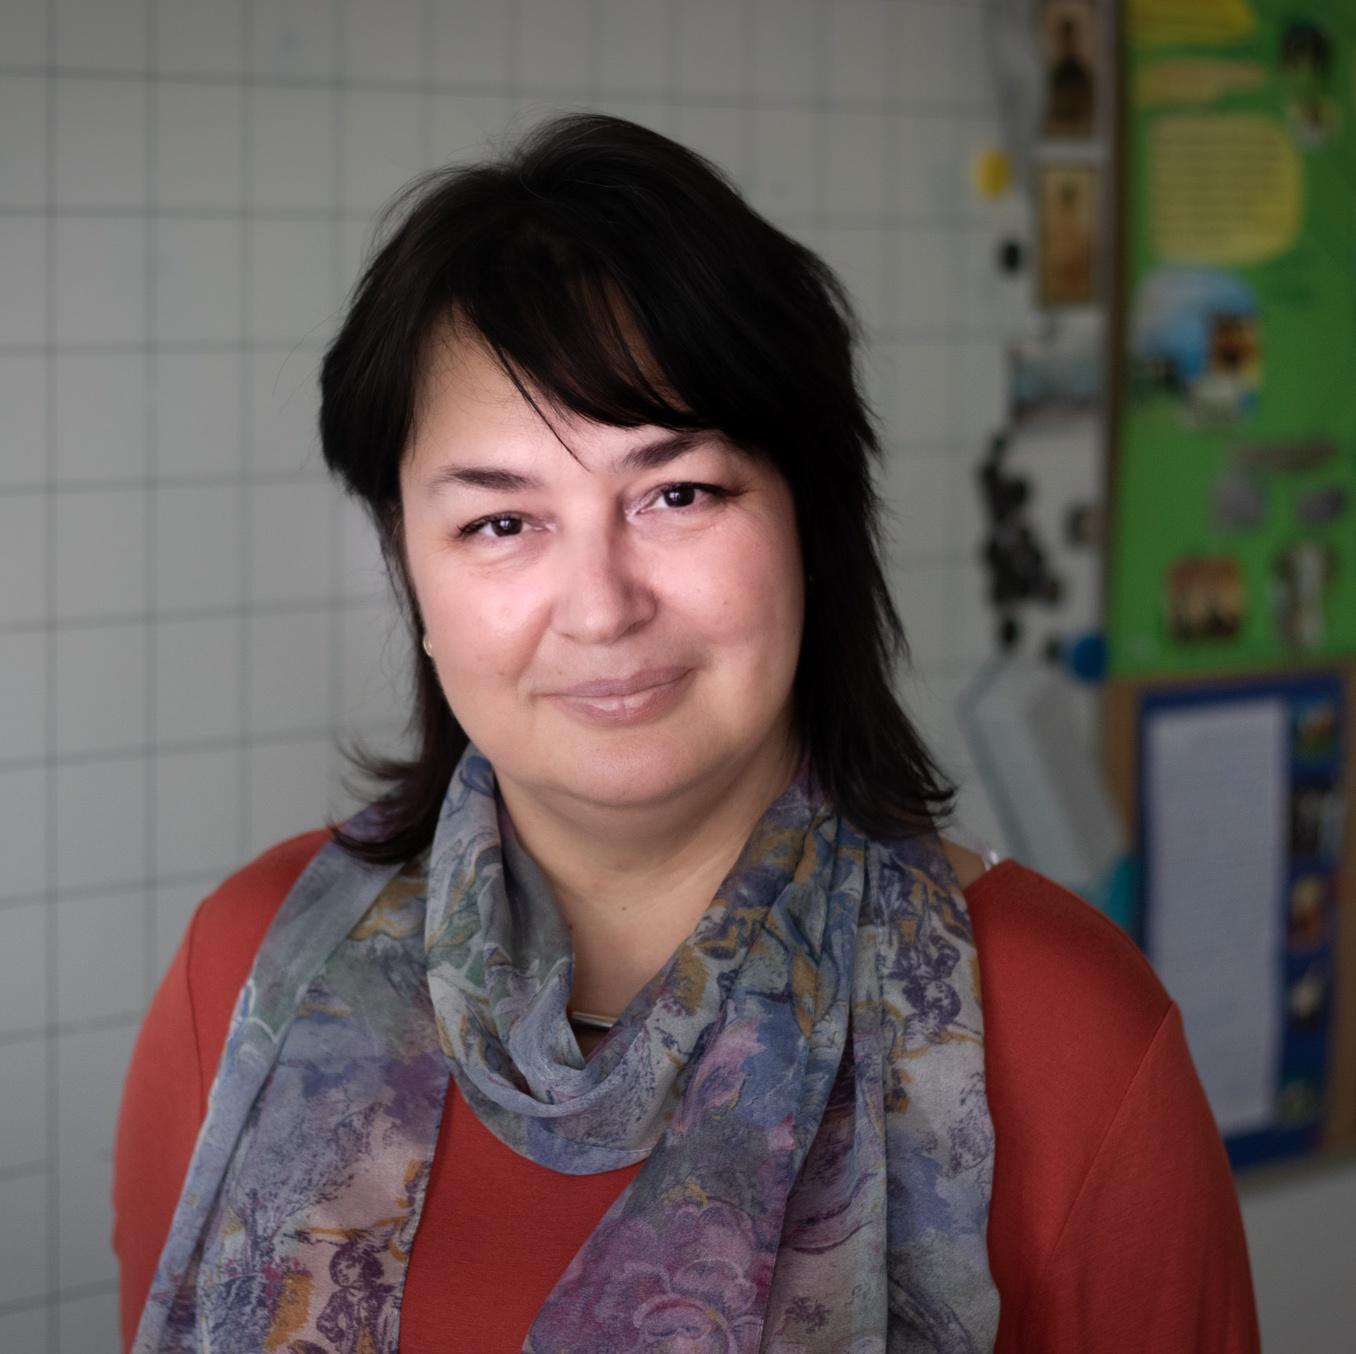 Irina Schiller